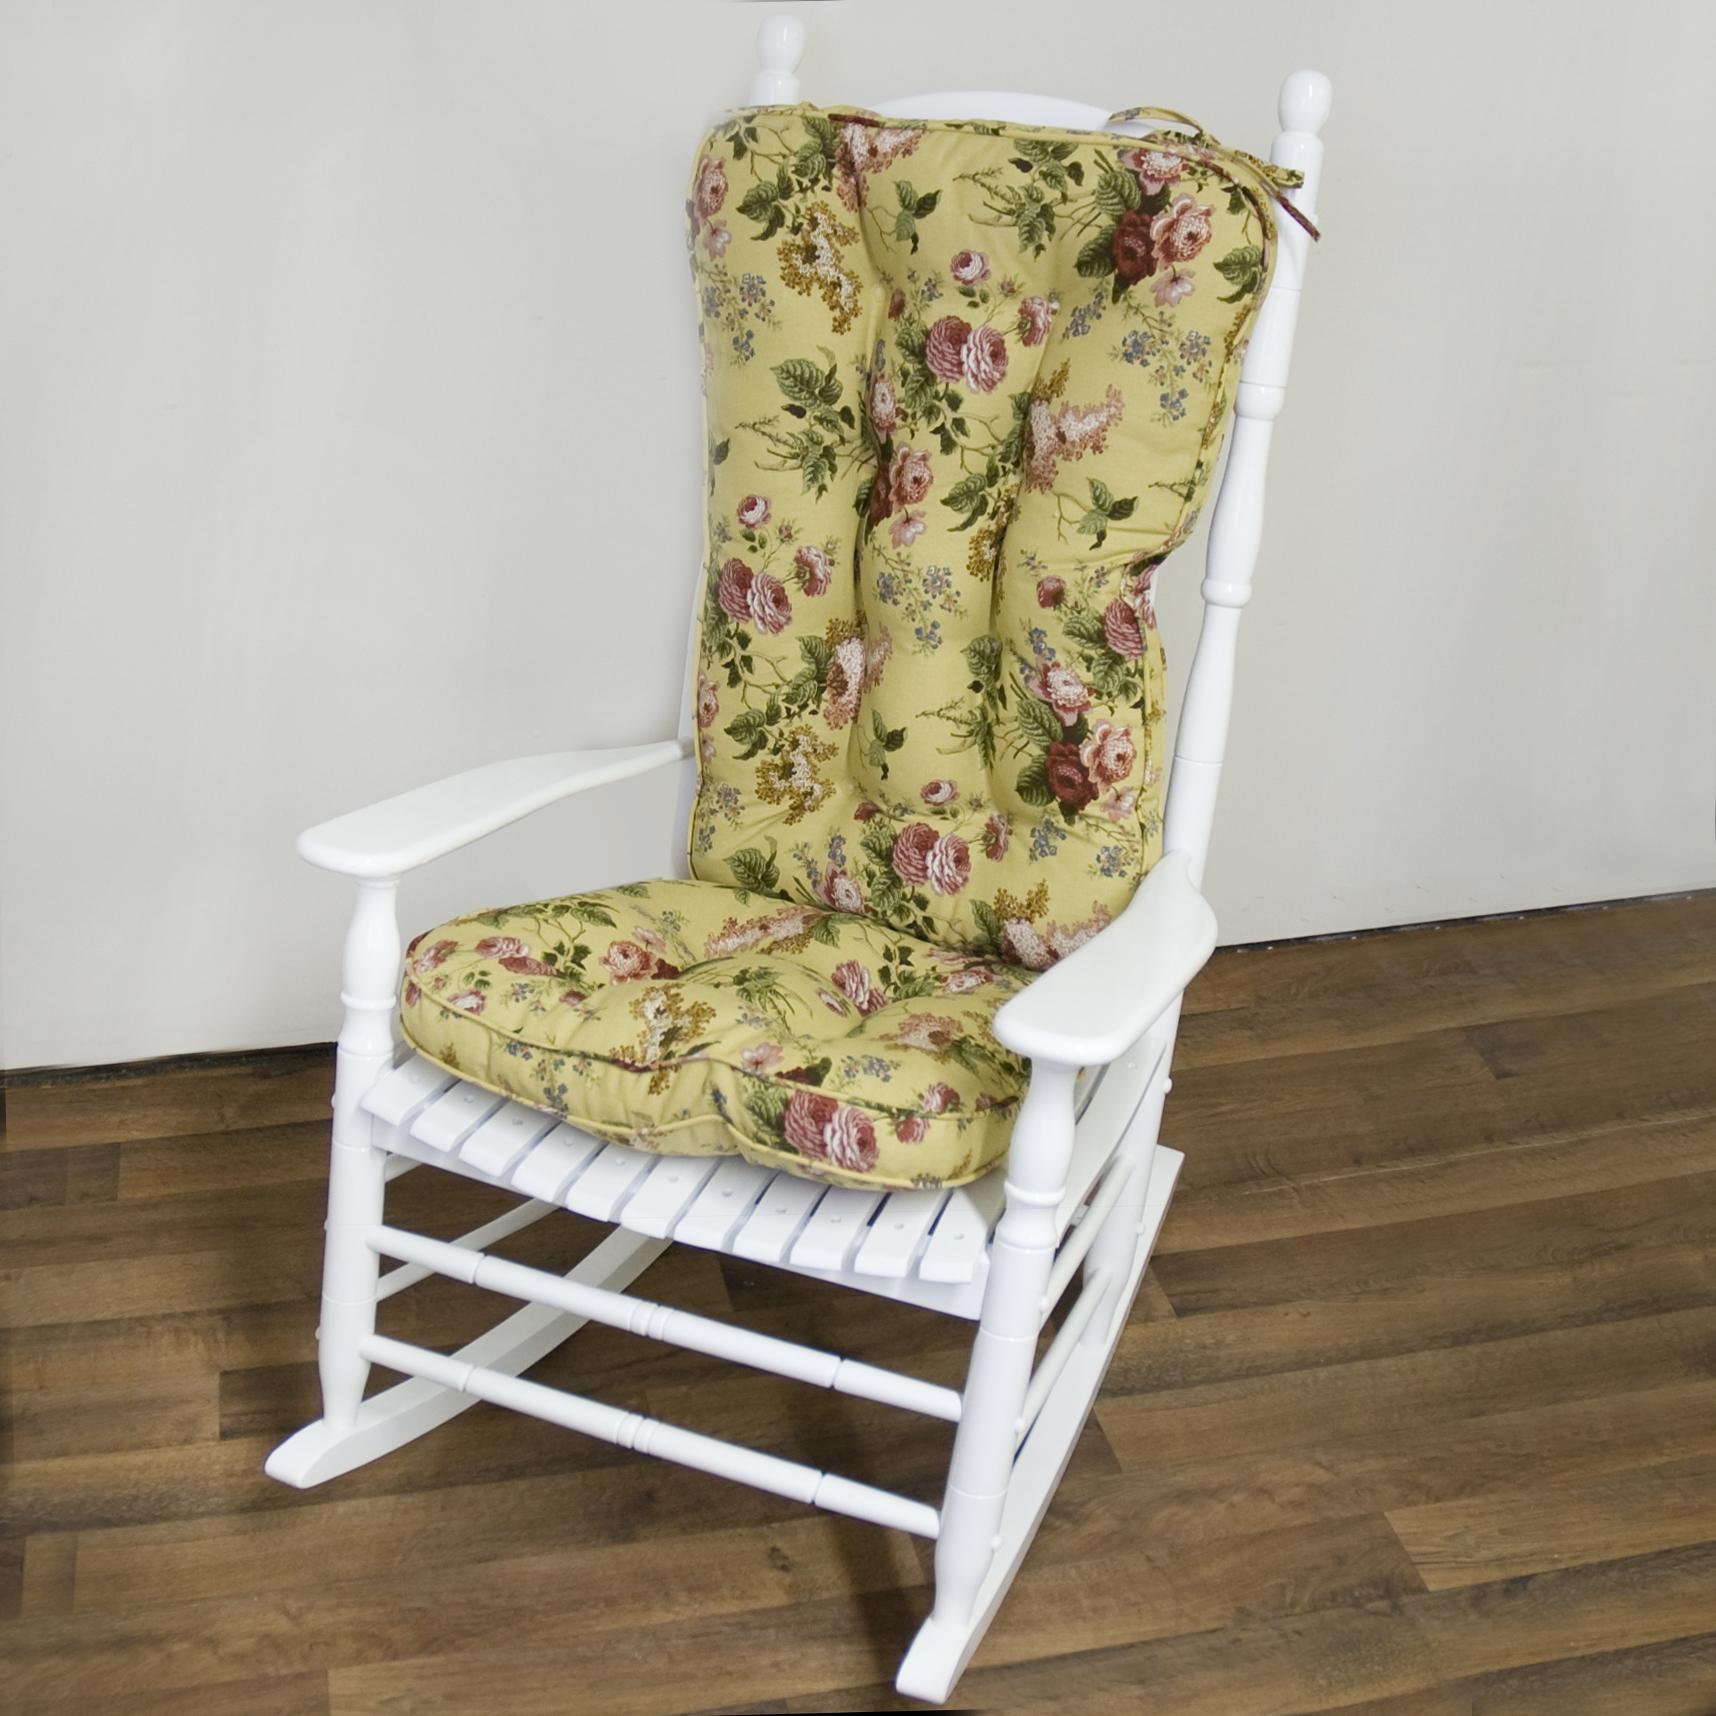 PATTERN ROCKING CHAIR CUSHION  Chair Pads  Cushions